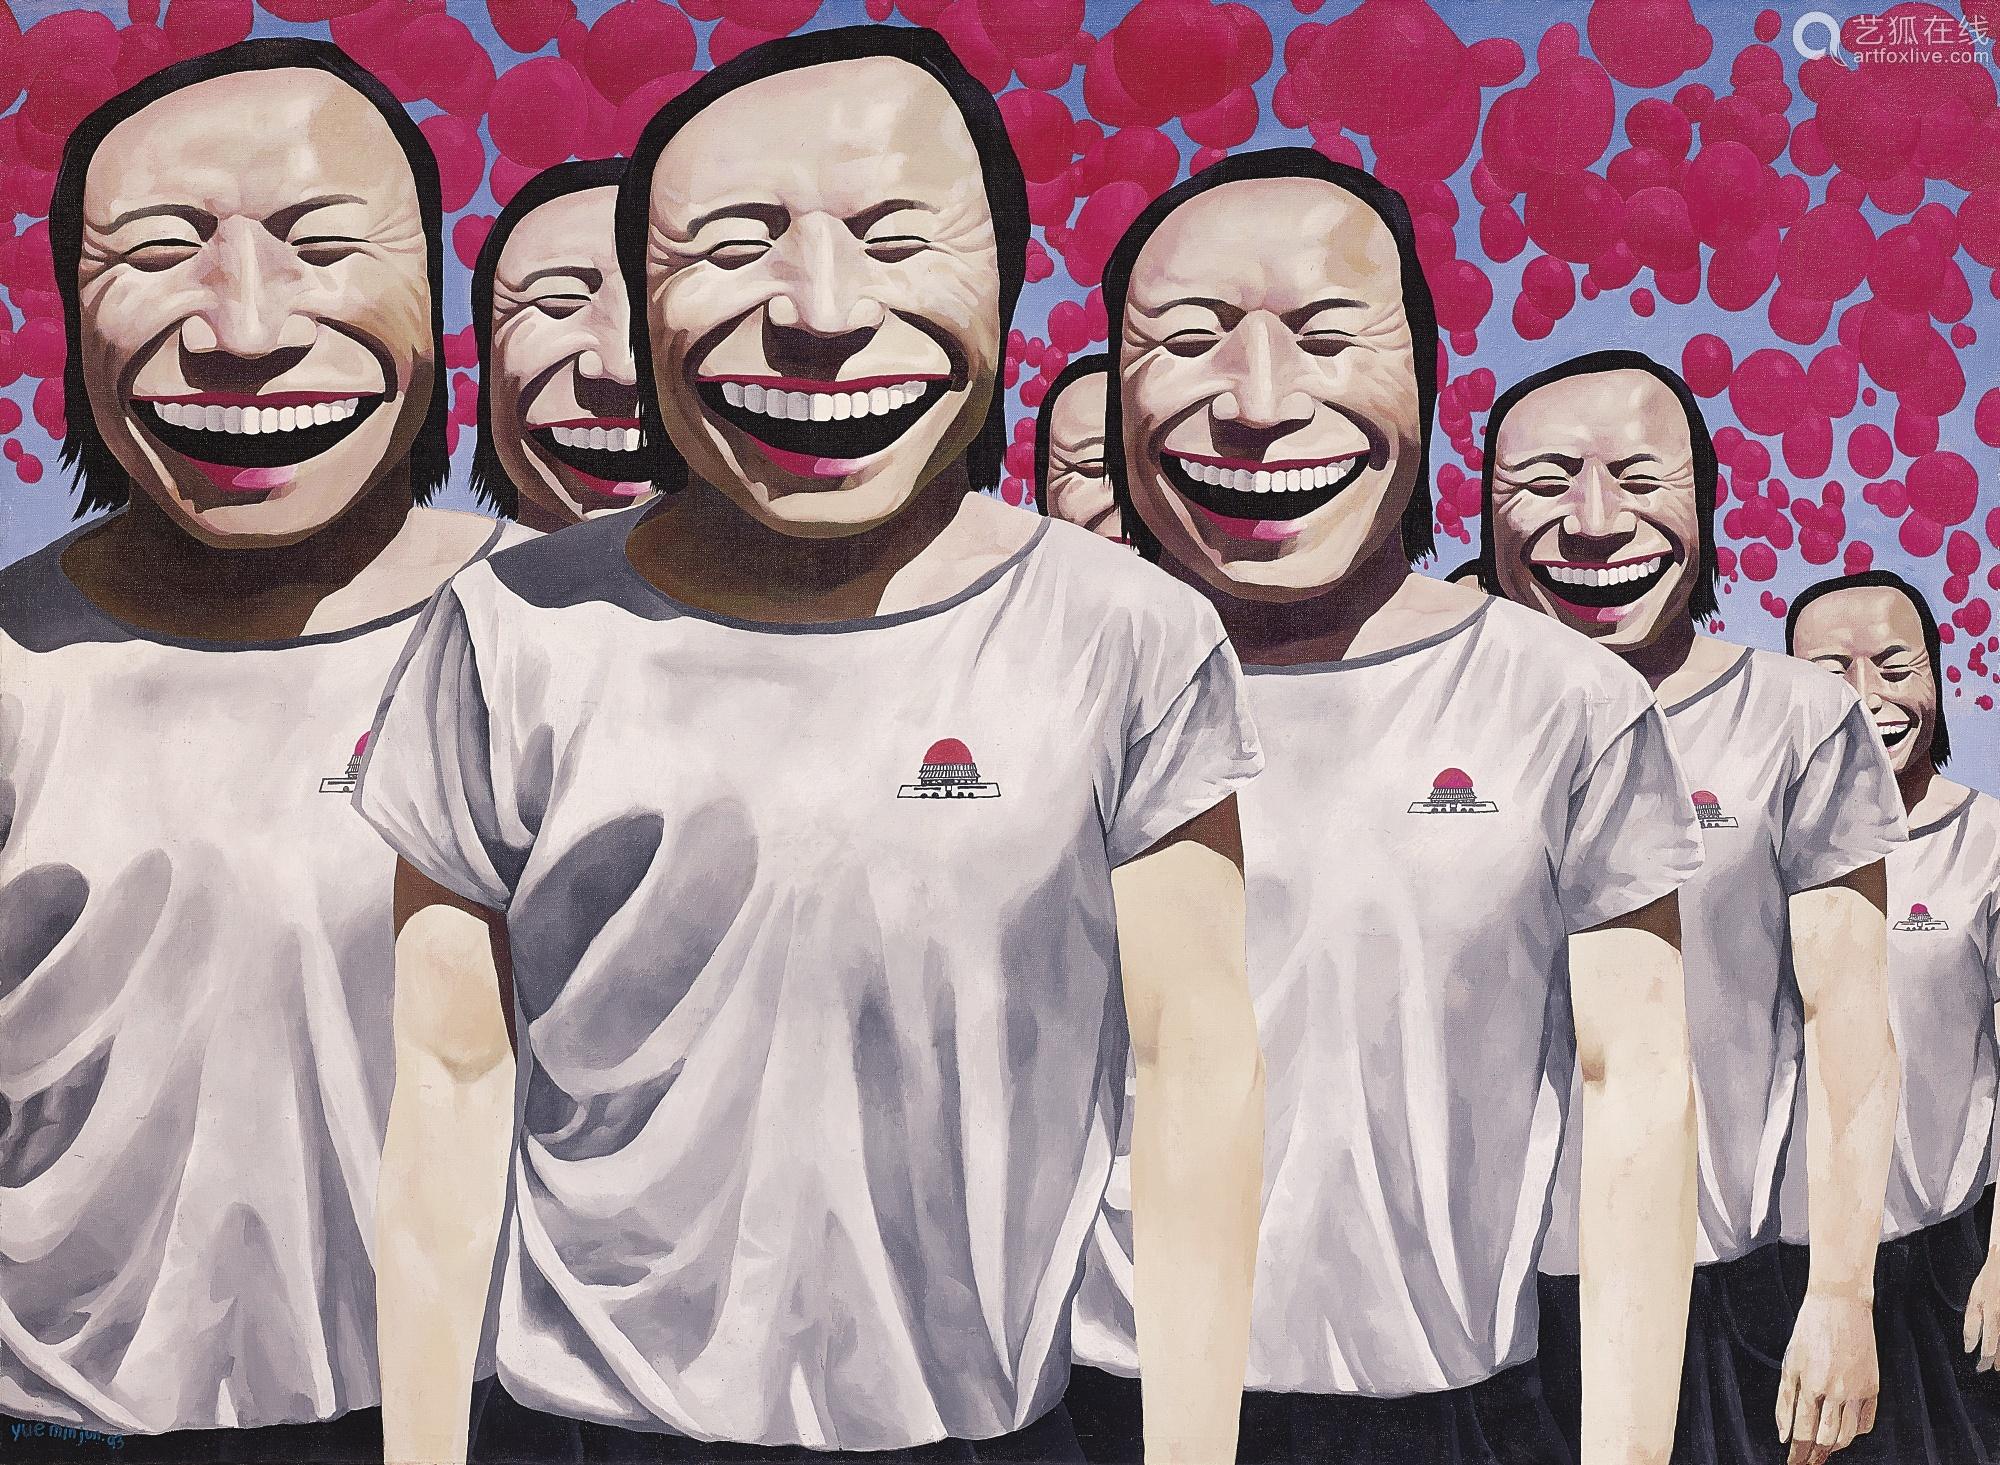 岳敏君 一九九三年作 幸福 油画画布